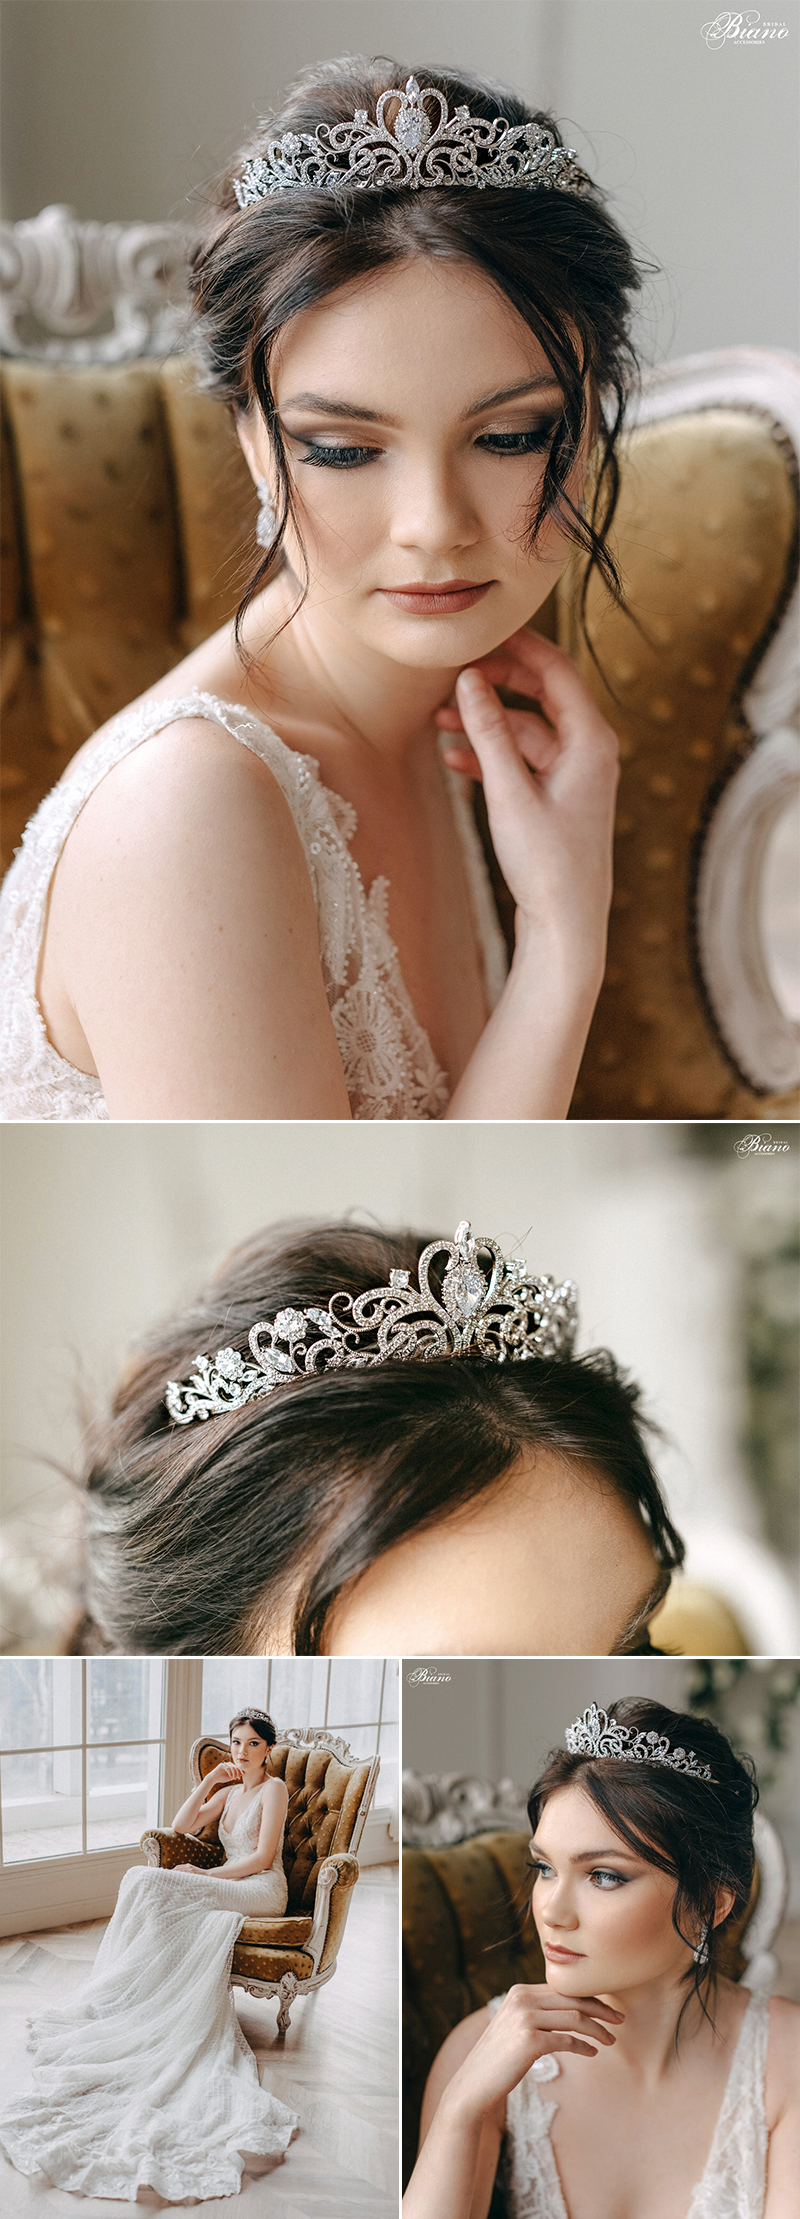 wedding bridal tiara crown